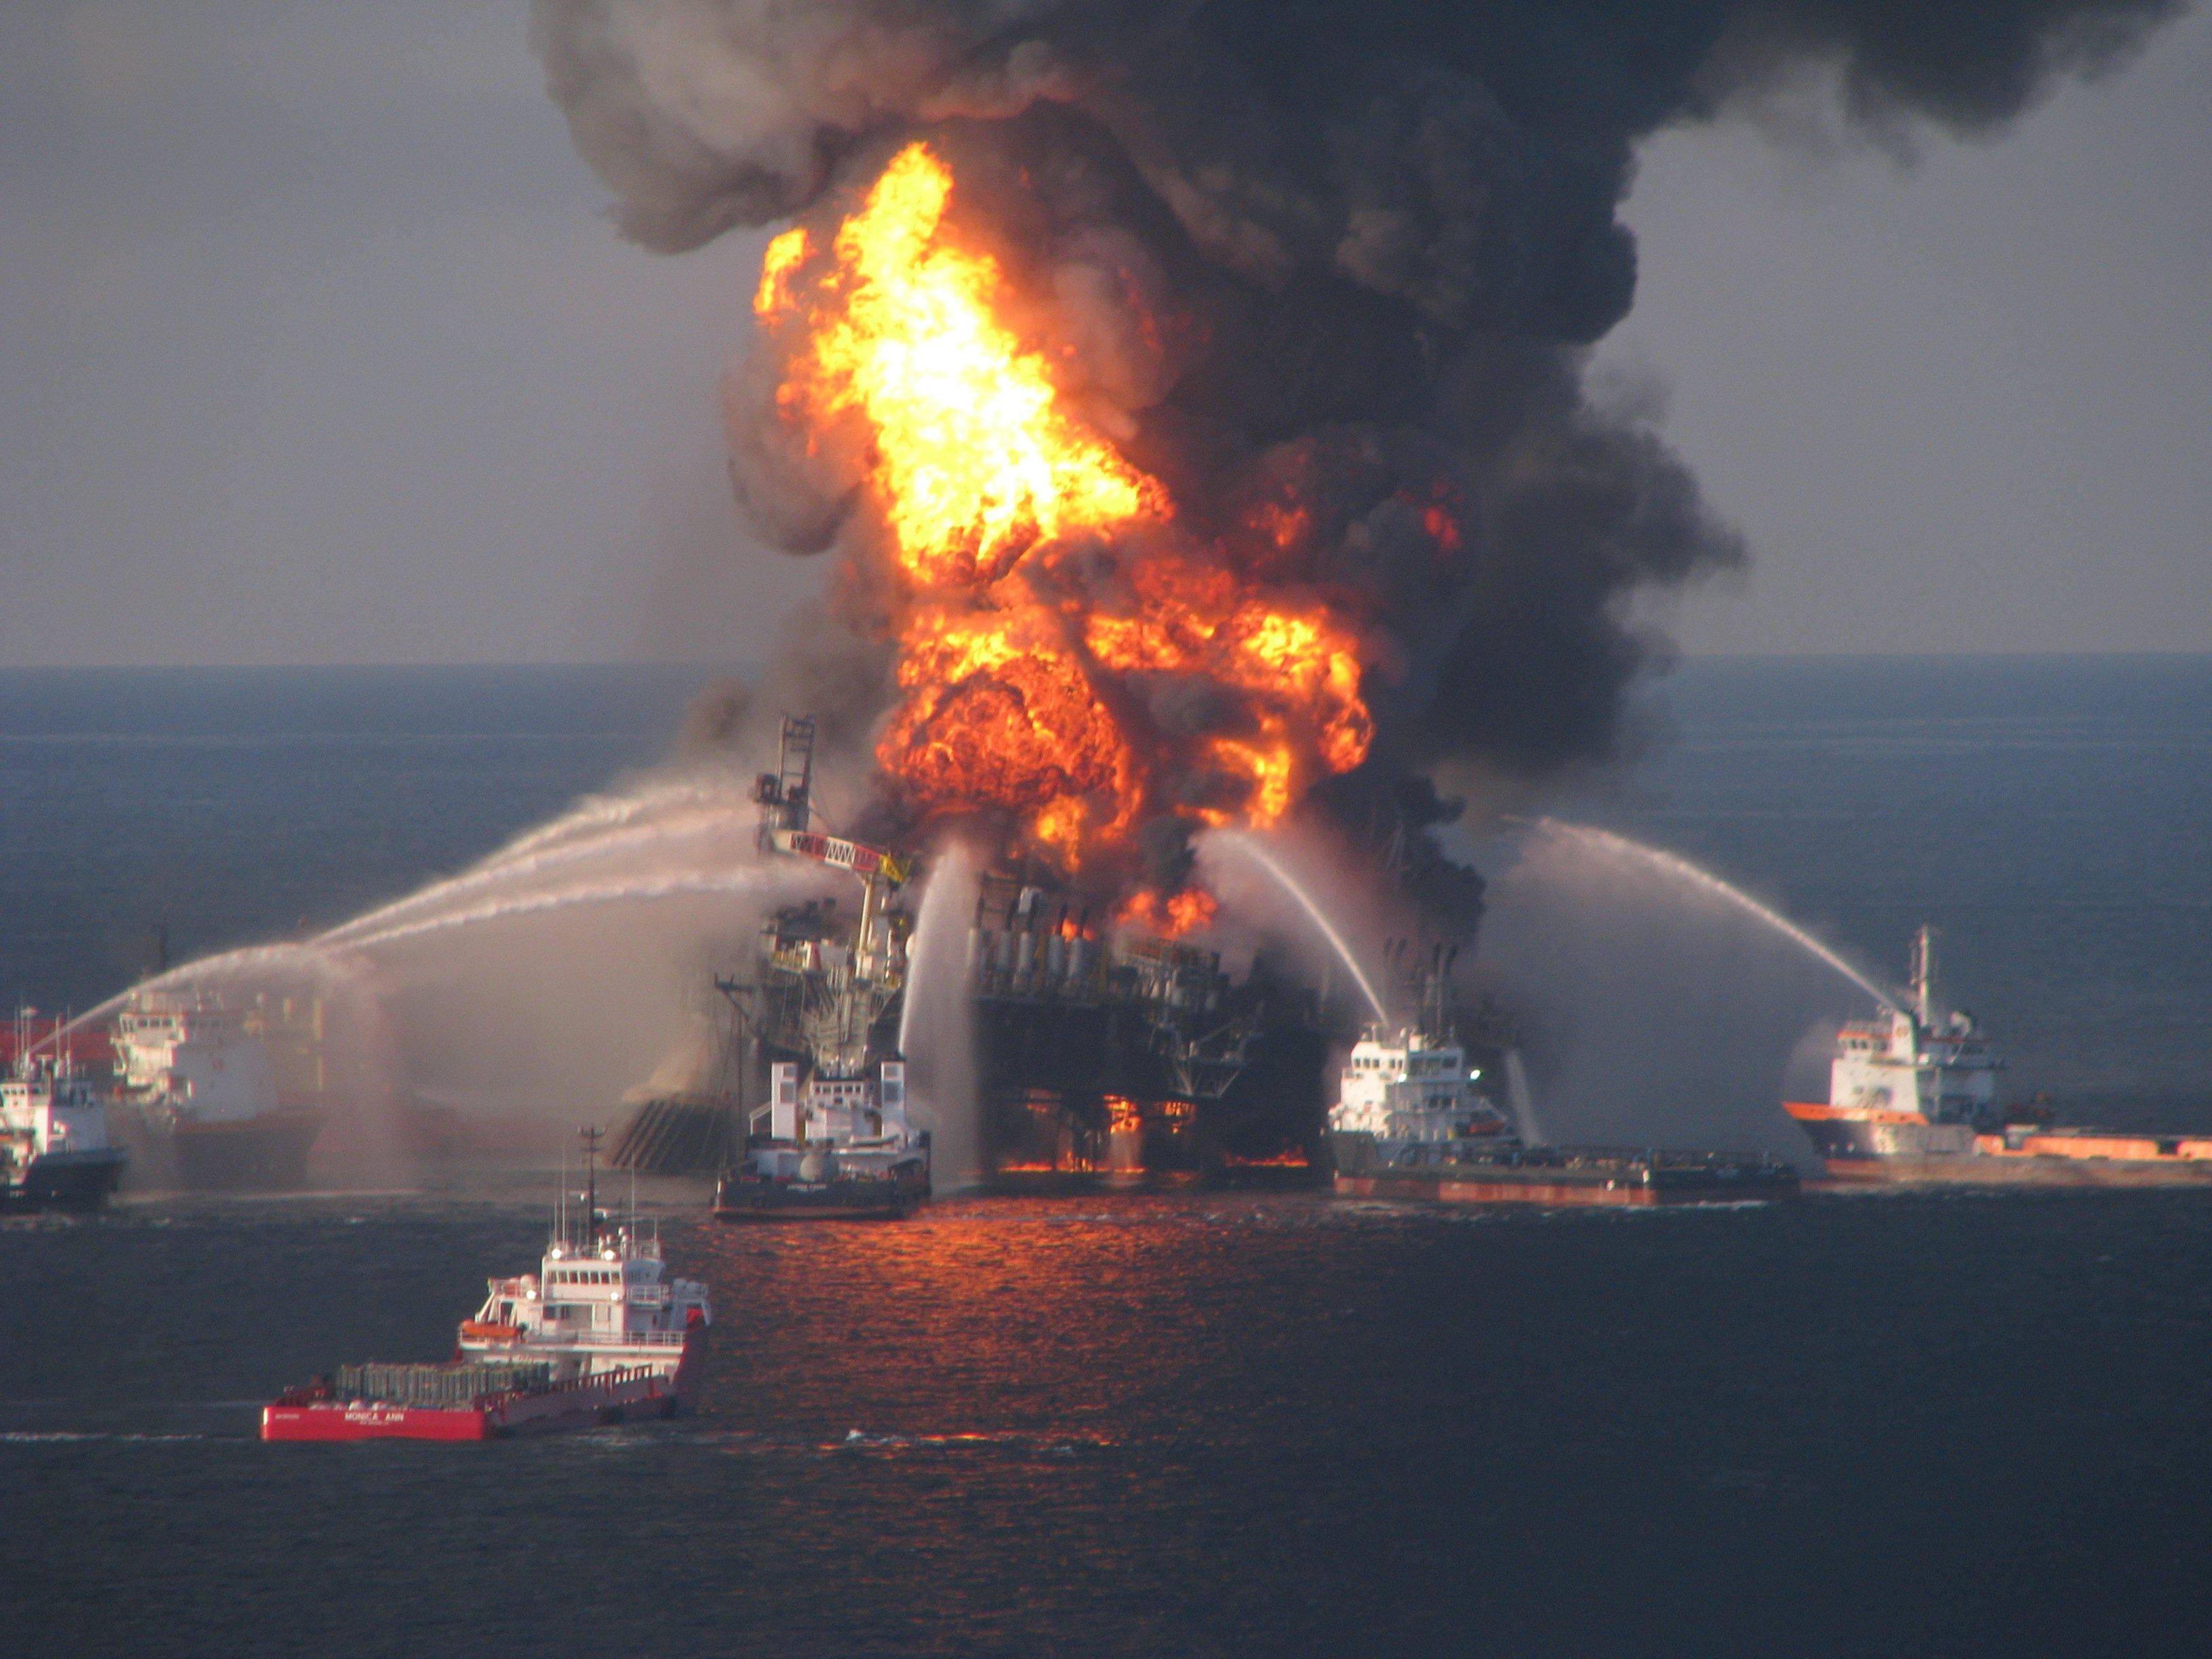 Die Ölbohrinsel Deepwater Horizon war nach einer Explosion im April 2010 gesunken. Das Unglück führte zu einer verheerenden Ölpest im Golf von Mexiko.